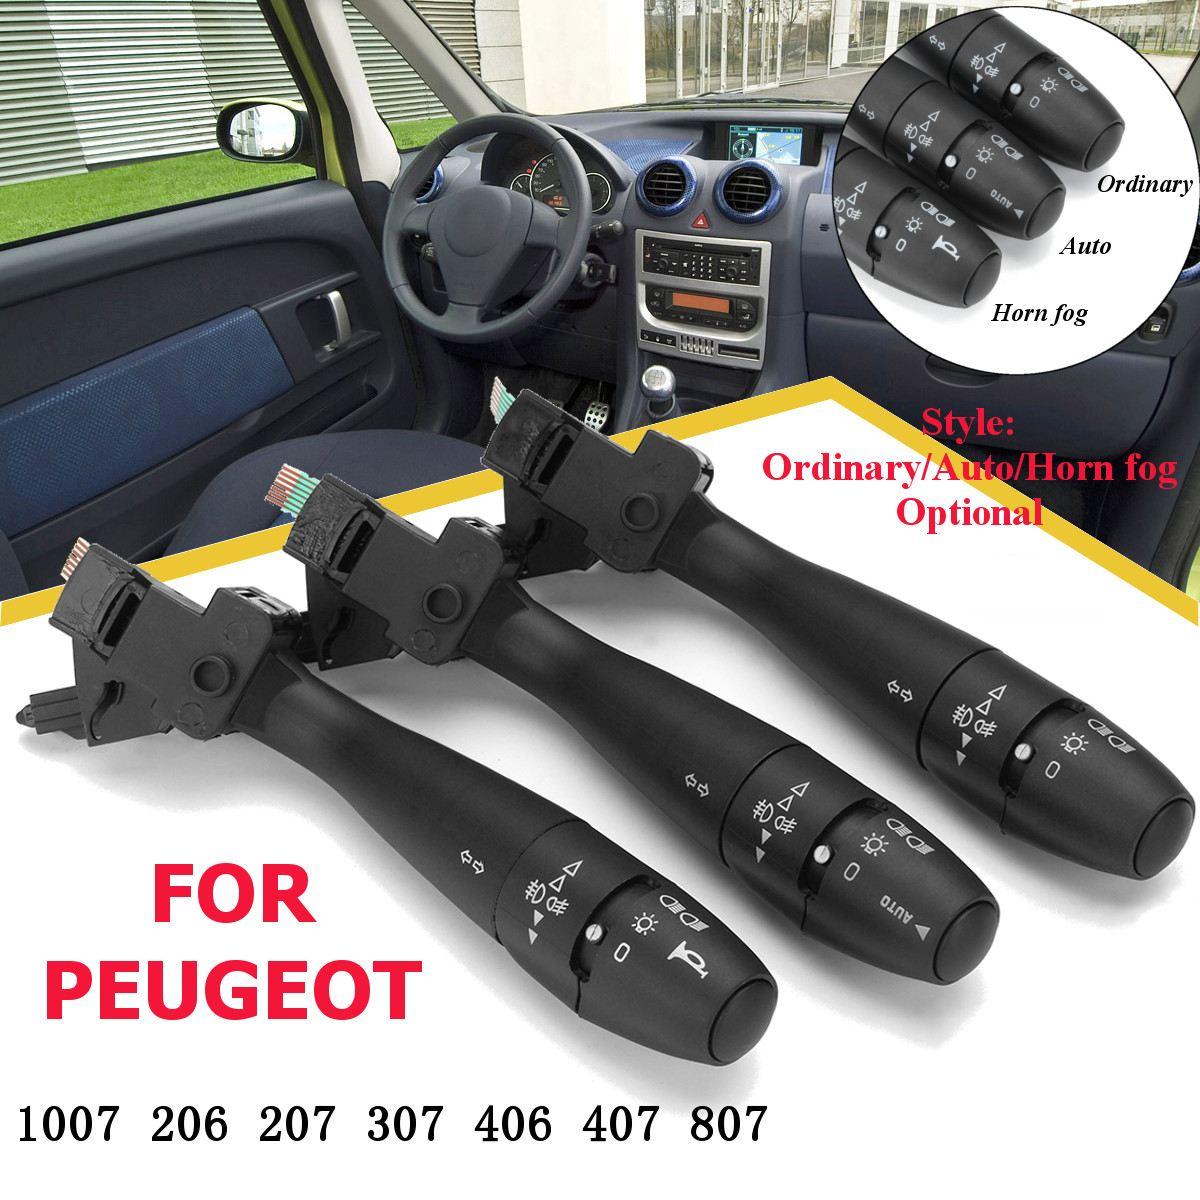 96477533XT indicador de señal interruptor cuerno auto para Peugeot 1007 206 207 307 406 407 807